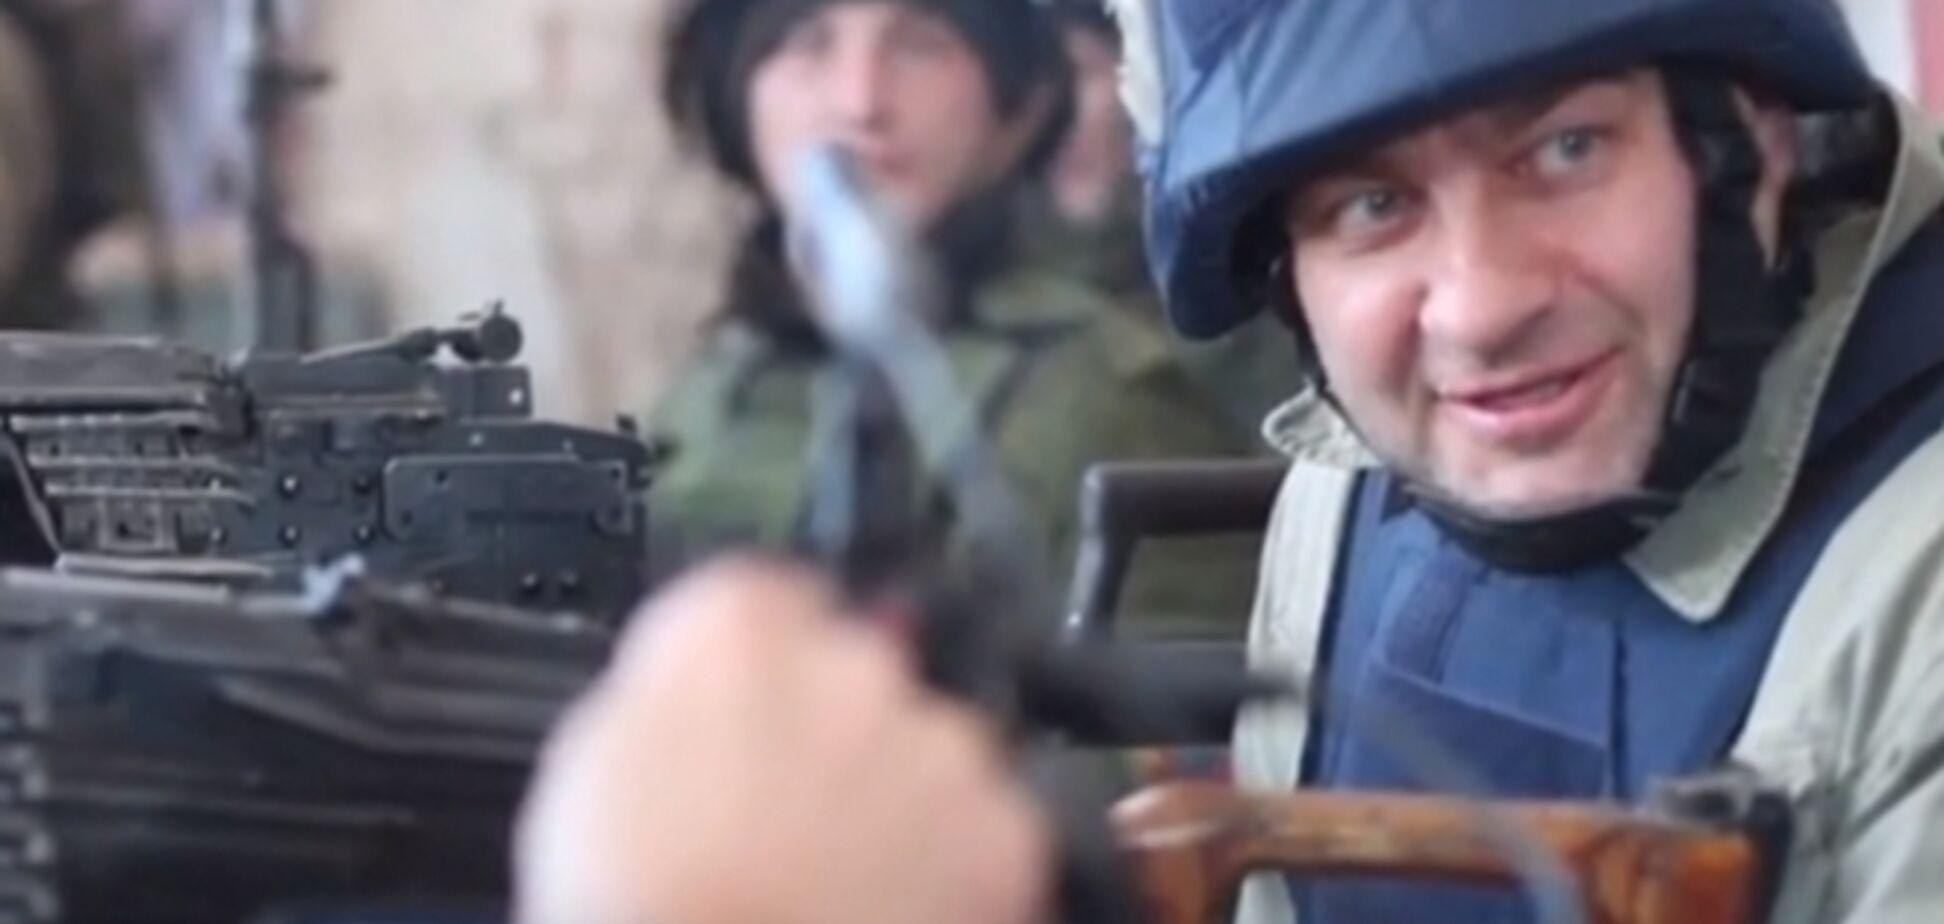 Ступка: Пореченкову в России выели мозг пропагандой